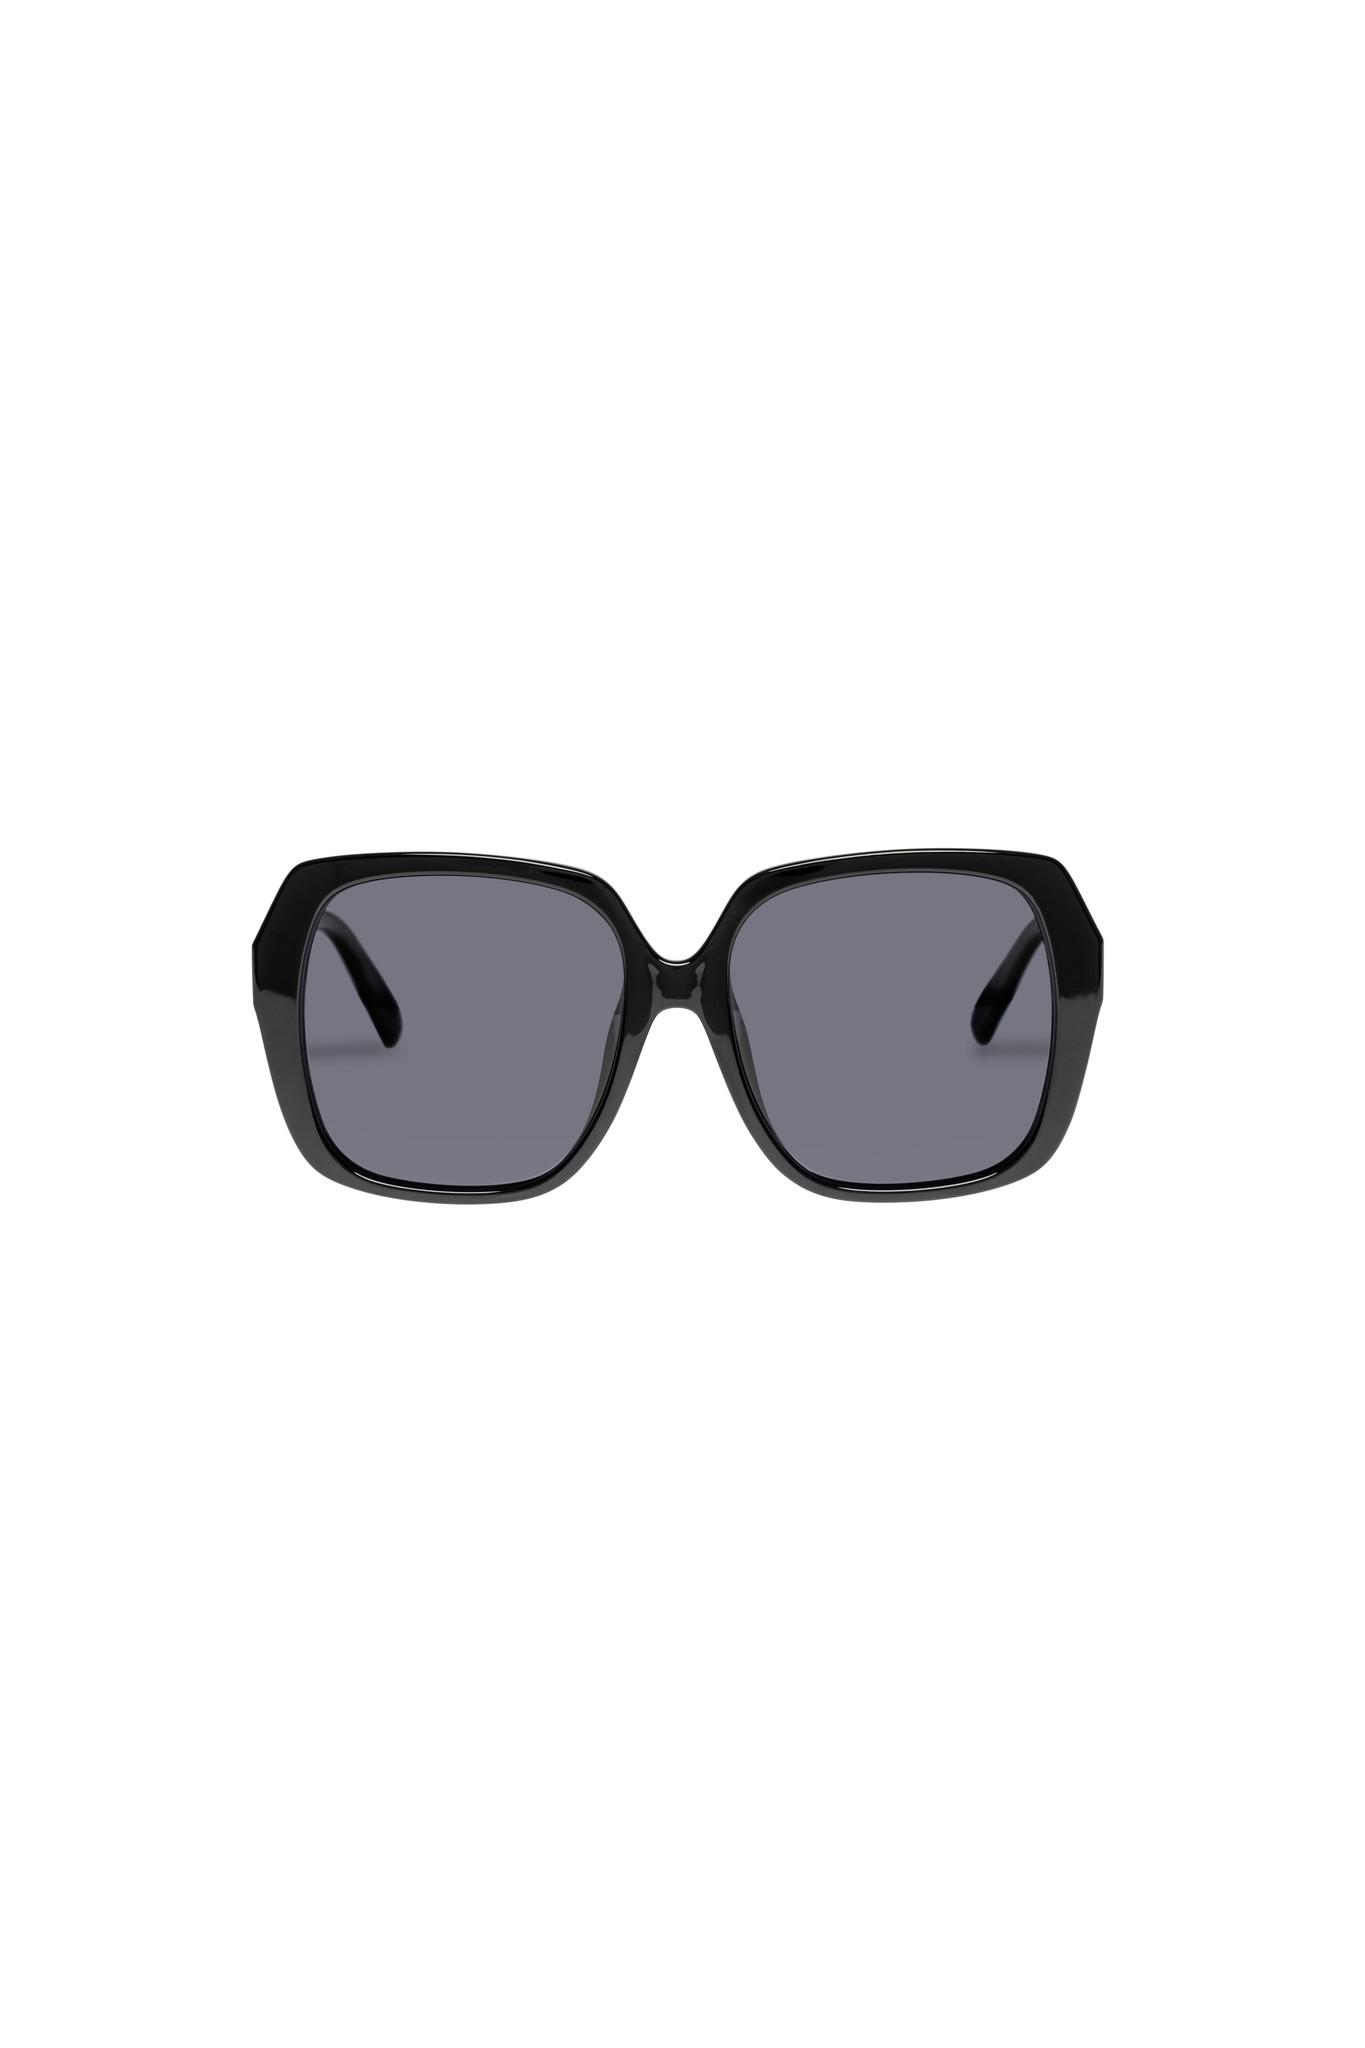 Frofro *Polarized* Sunglasses - Black-1